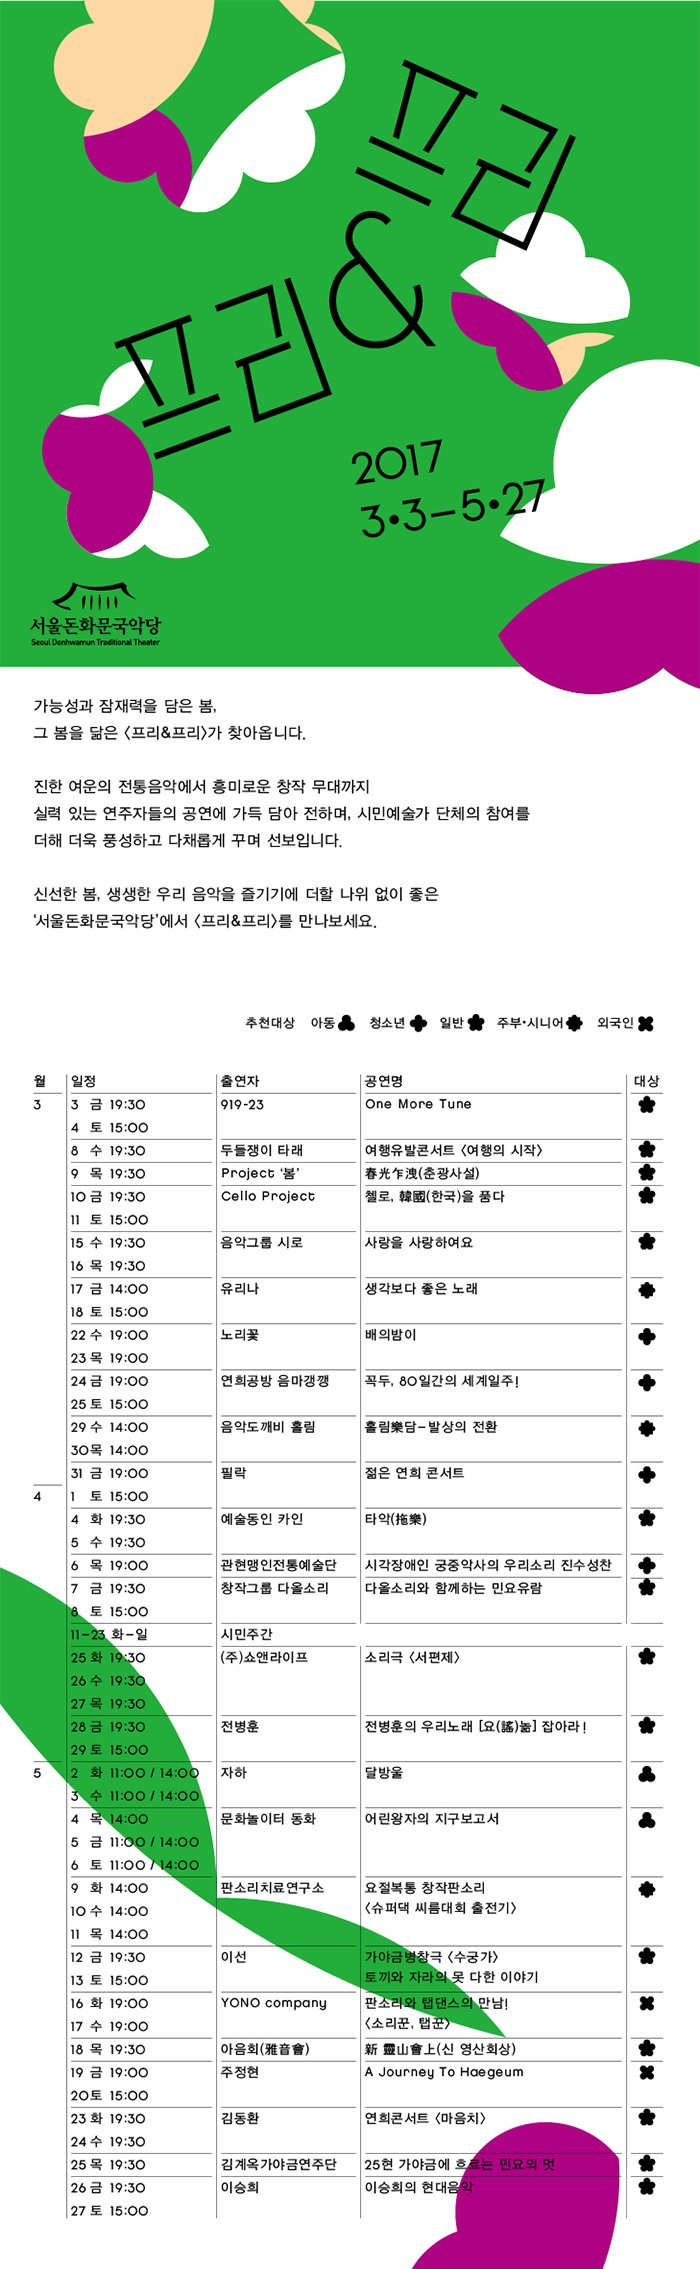 프리앤 프리 2017 3.3 ? 5.27 가능성과 잠재력을 담은 봄, 그 봄을 닮은 프리&프리가 찾아옵니다. 진한 여운의 전통음악에서 흥미로운 창작 무대까지 실력 있는 연주자들의 공연을 가득 담아 전하며, 시민예술가 단체의 참여를 더해 더욱 풍성하고 다채롭게 꾸며 선보입니다. 신선한 봄, 생생한 우리 음악을 즐기기에 더할 나위 없이 좋은 '서울돈화문국악당'에서 프리&프리를 만나보세요.